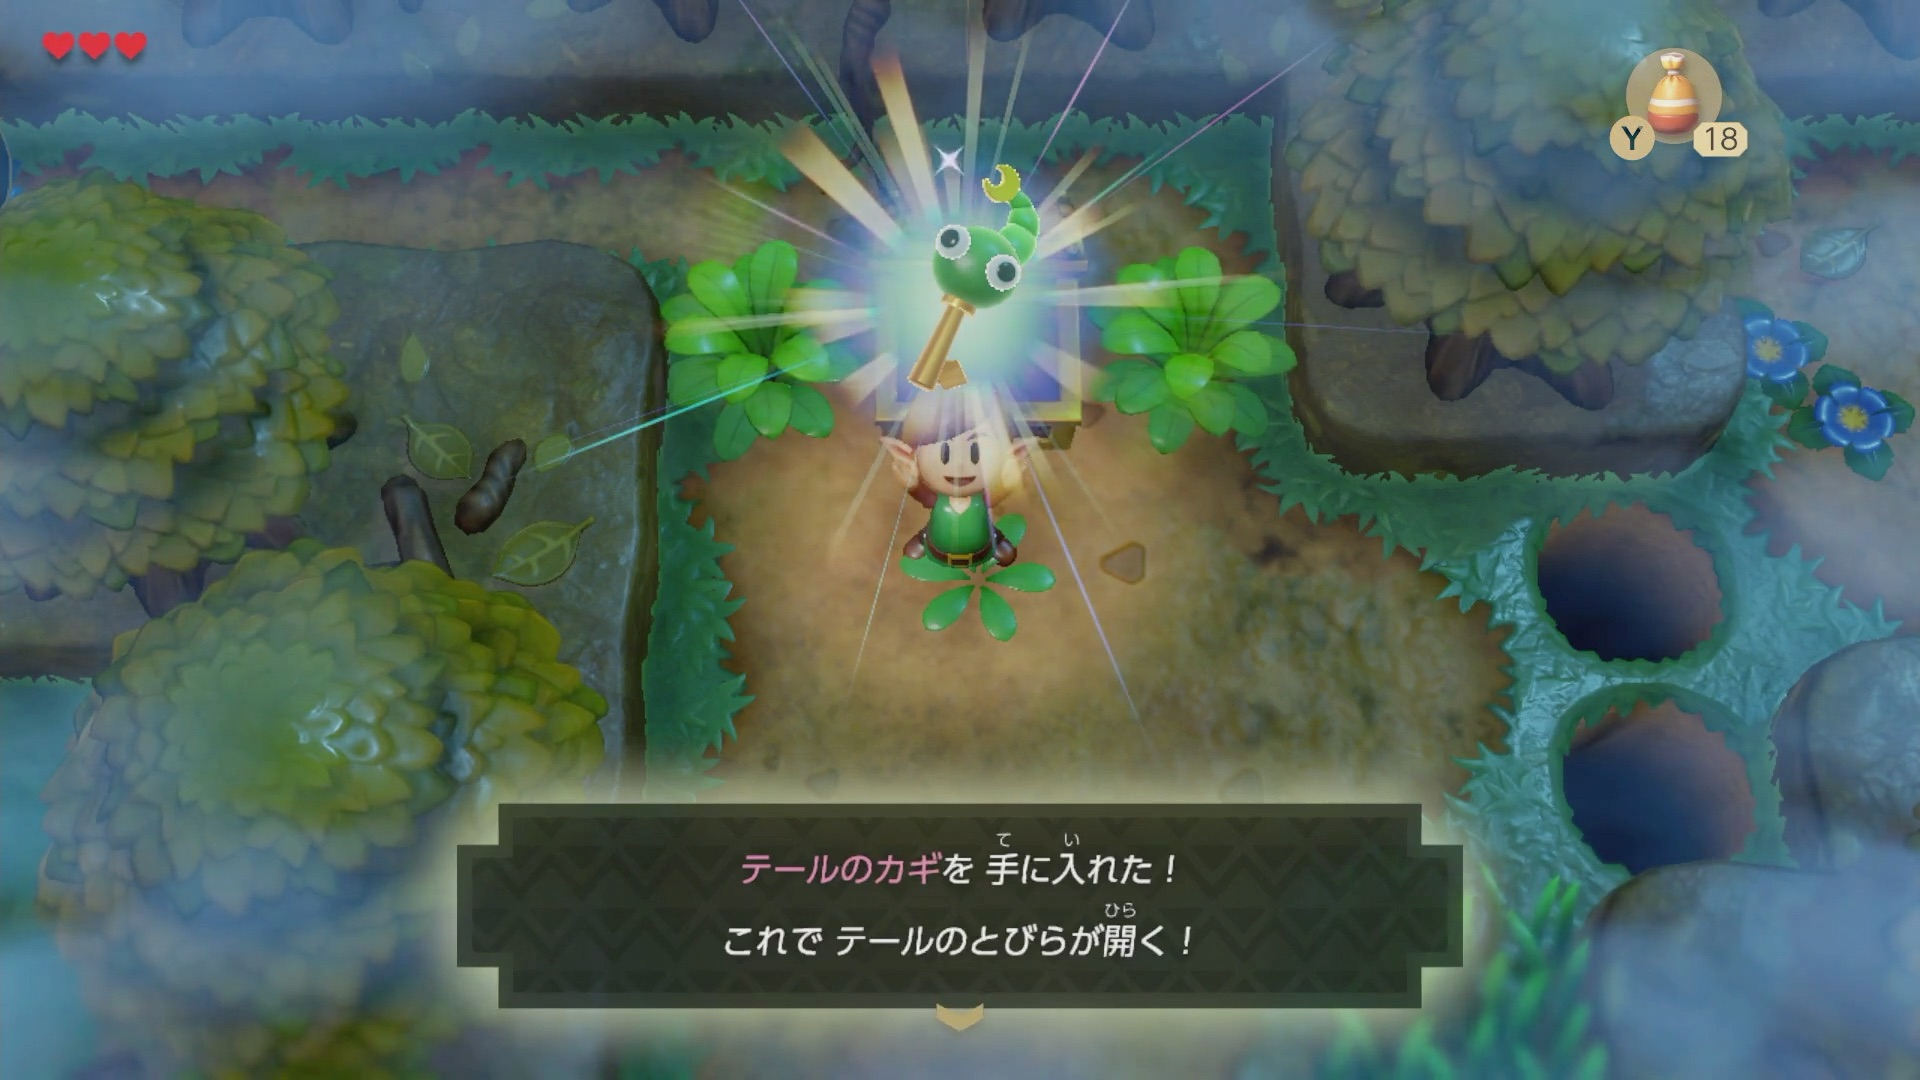 の 島 ゼルダ 攻略 みる 伝説 夢 を ゼルダの伝説 夢をみる島